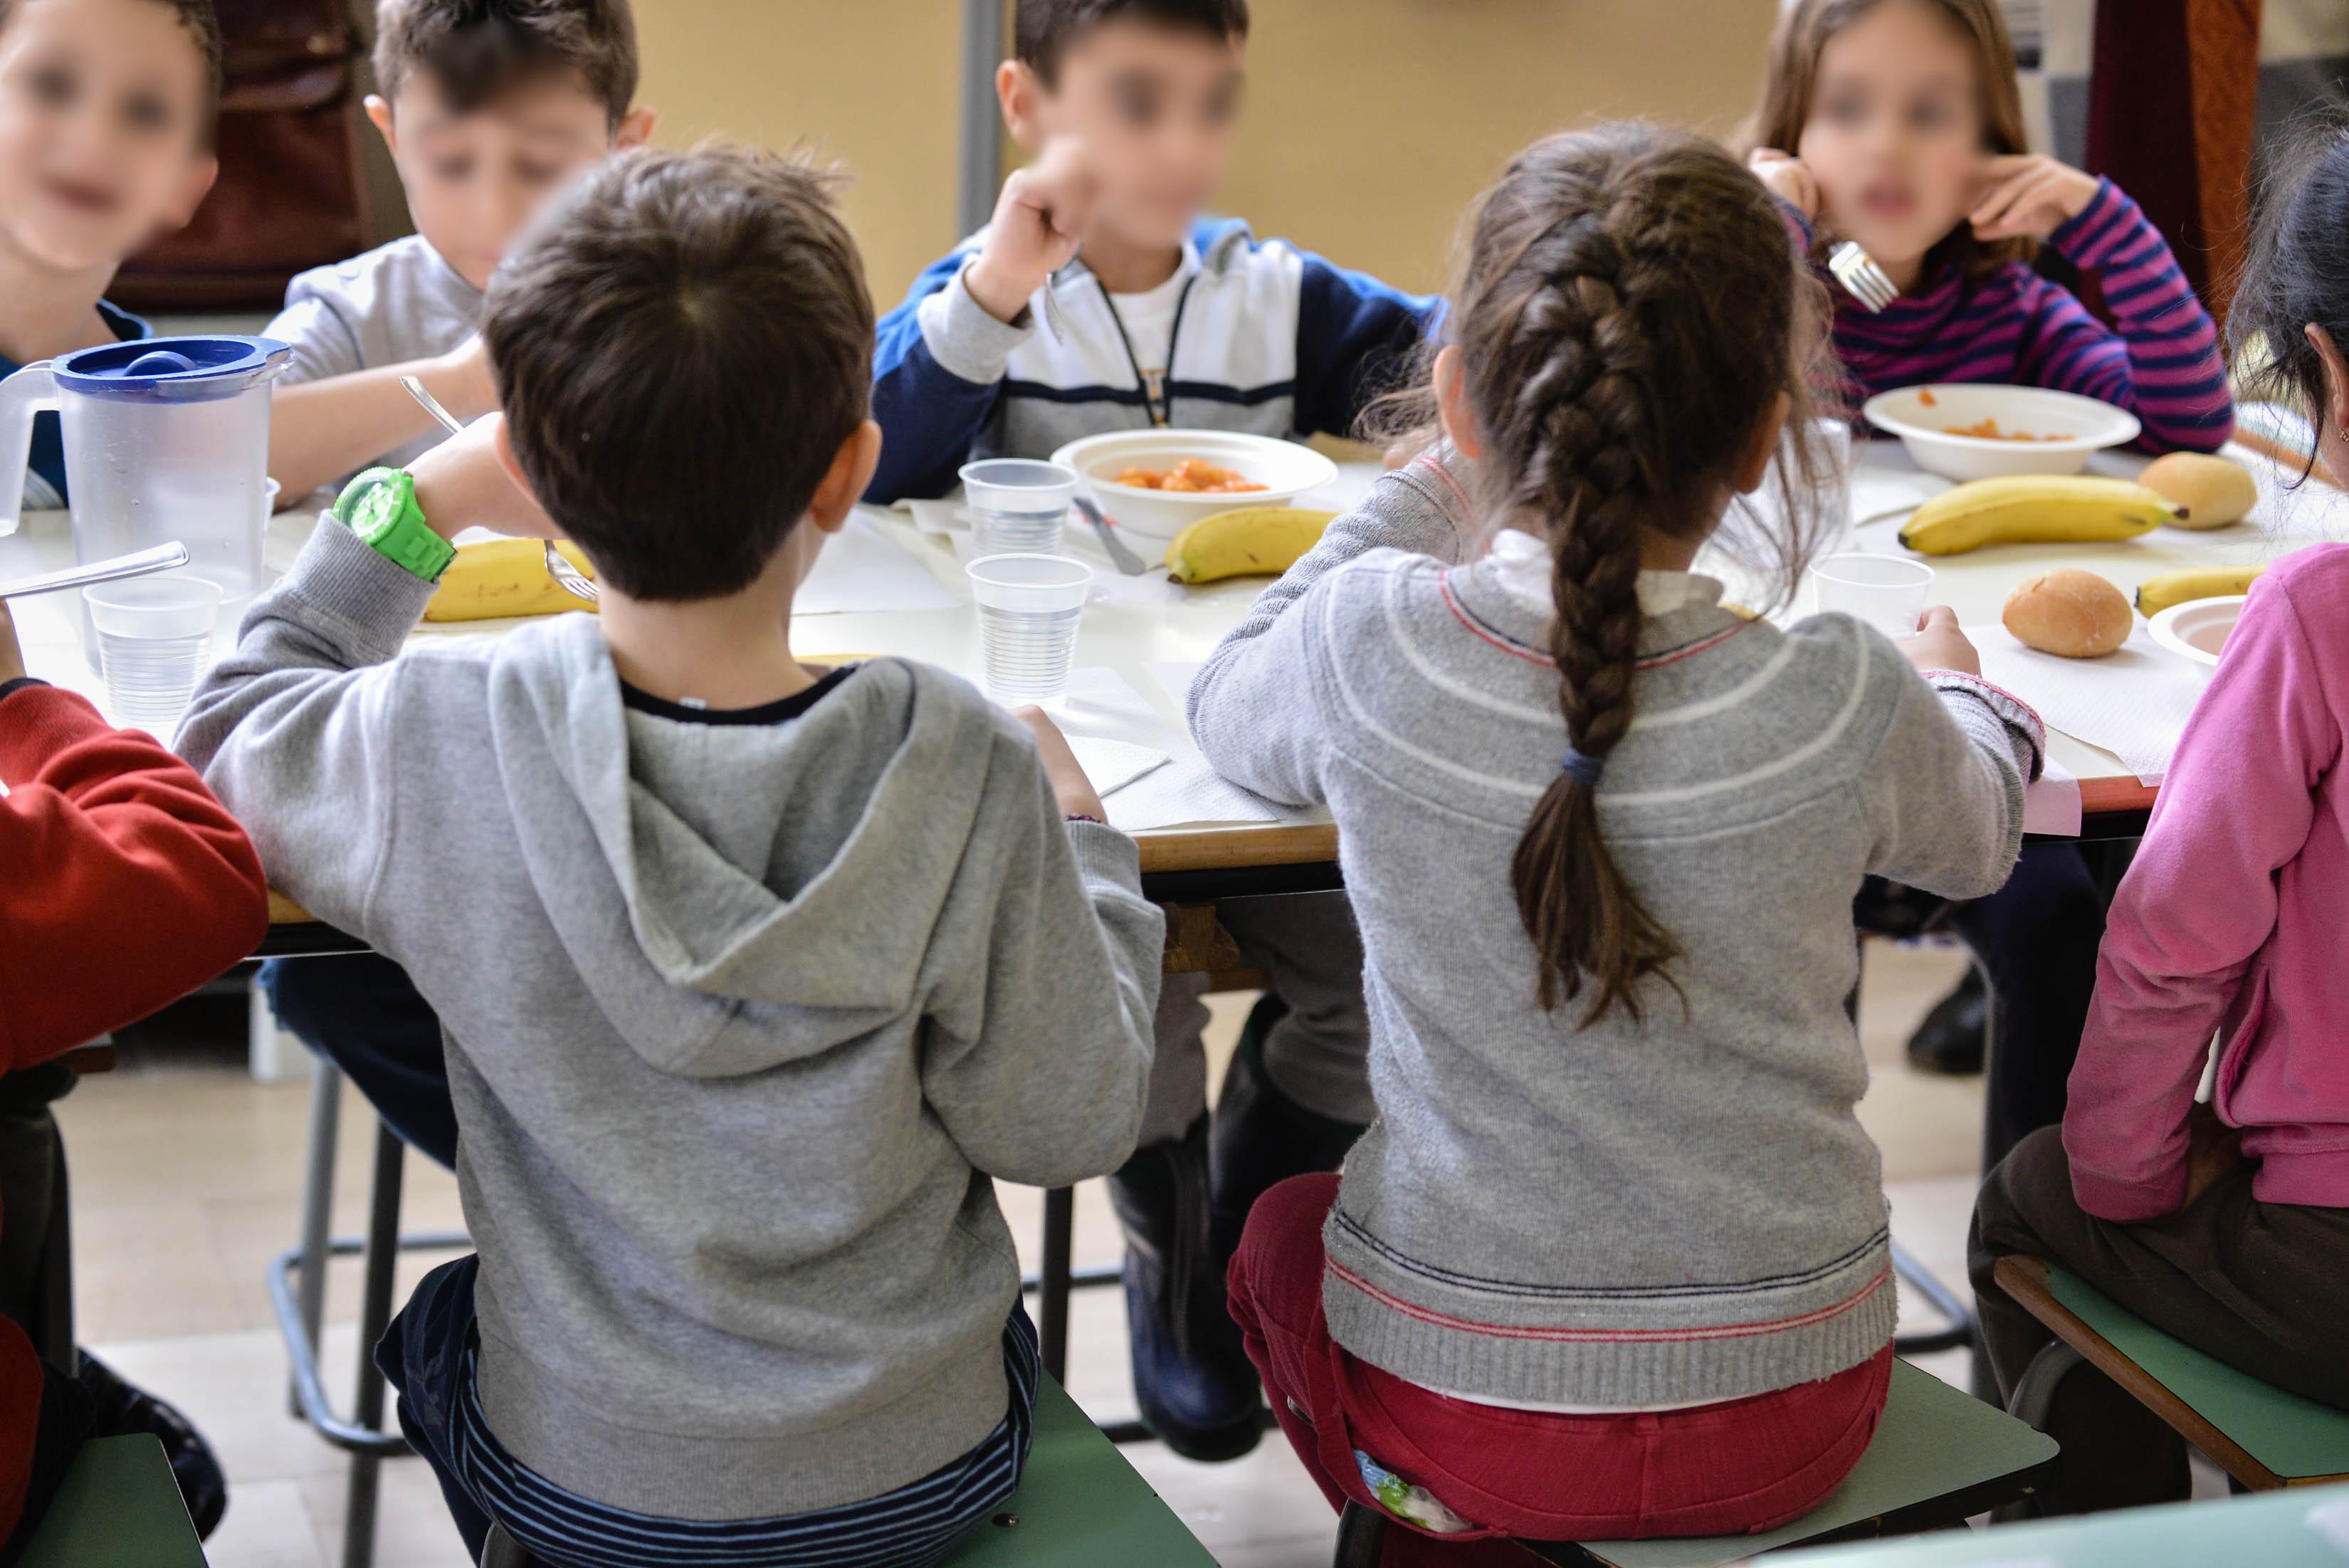 Niente cibo vegano all'asilo, il Tar condanna il Comune